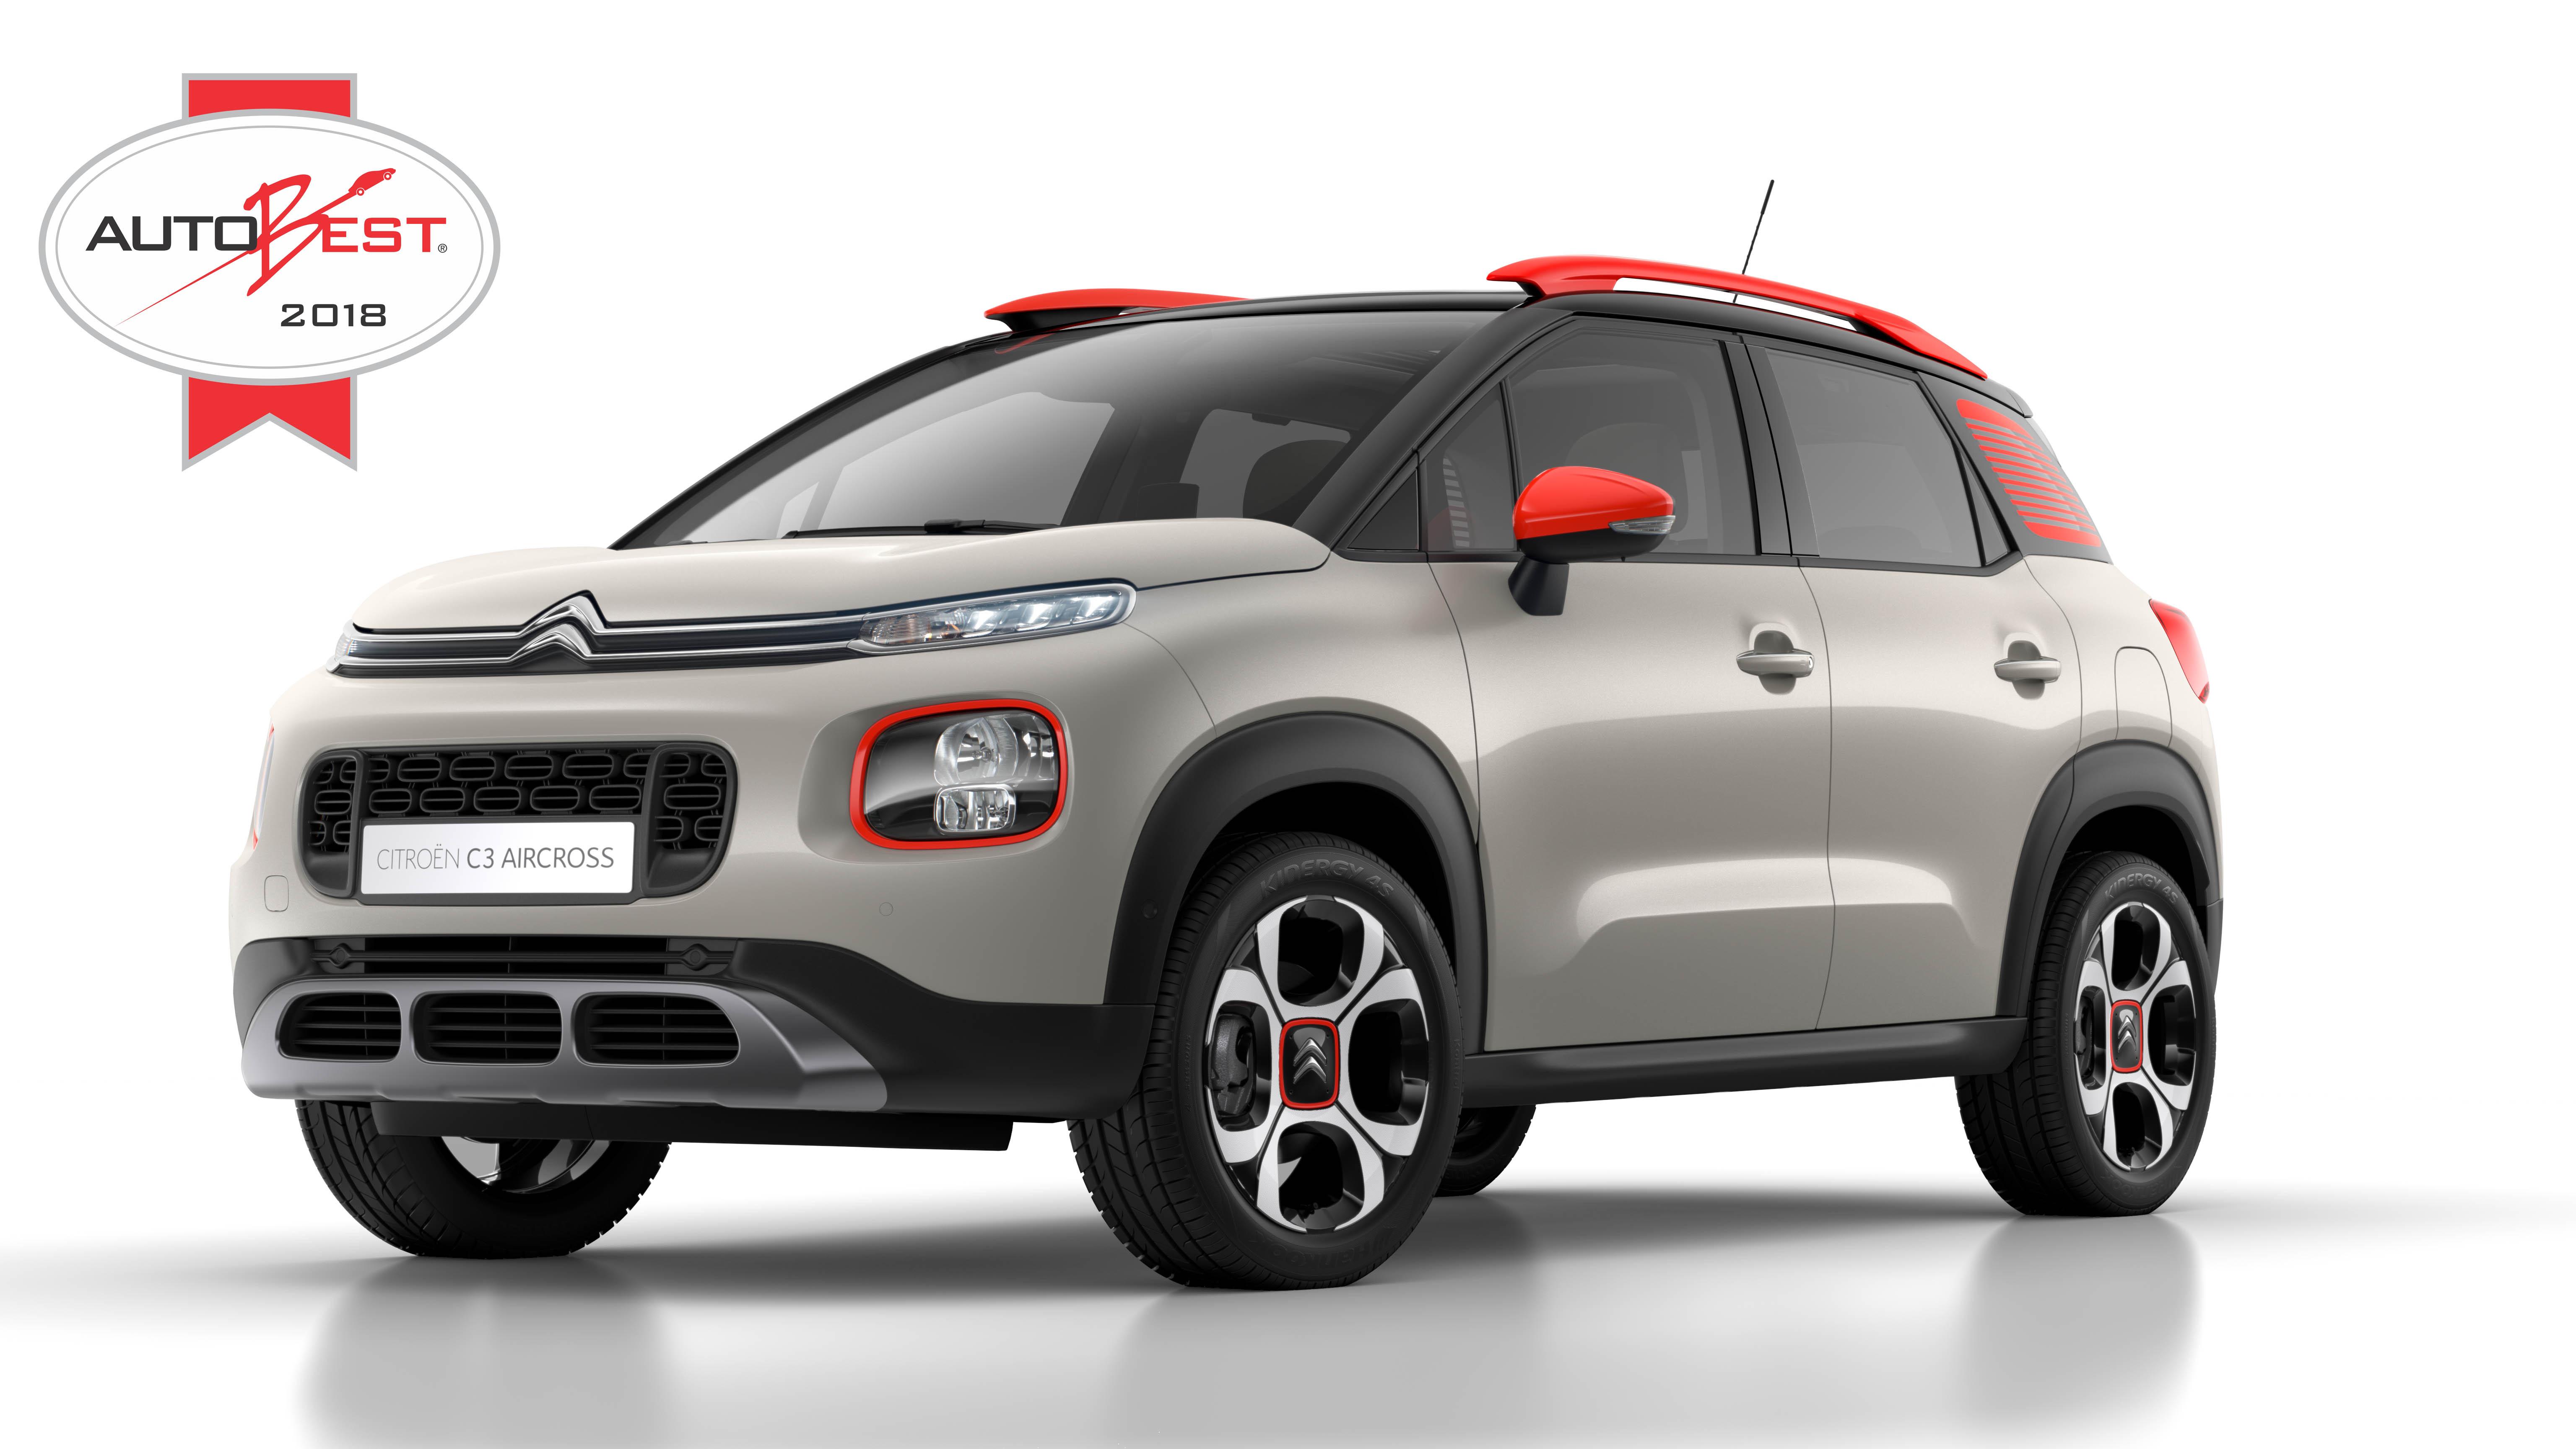 Citroën C3 Aircross vence prémio Autobest 2018